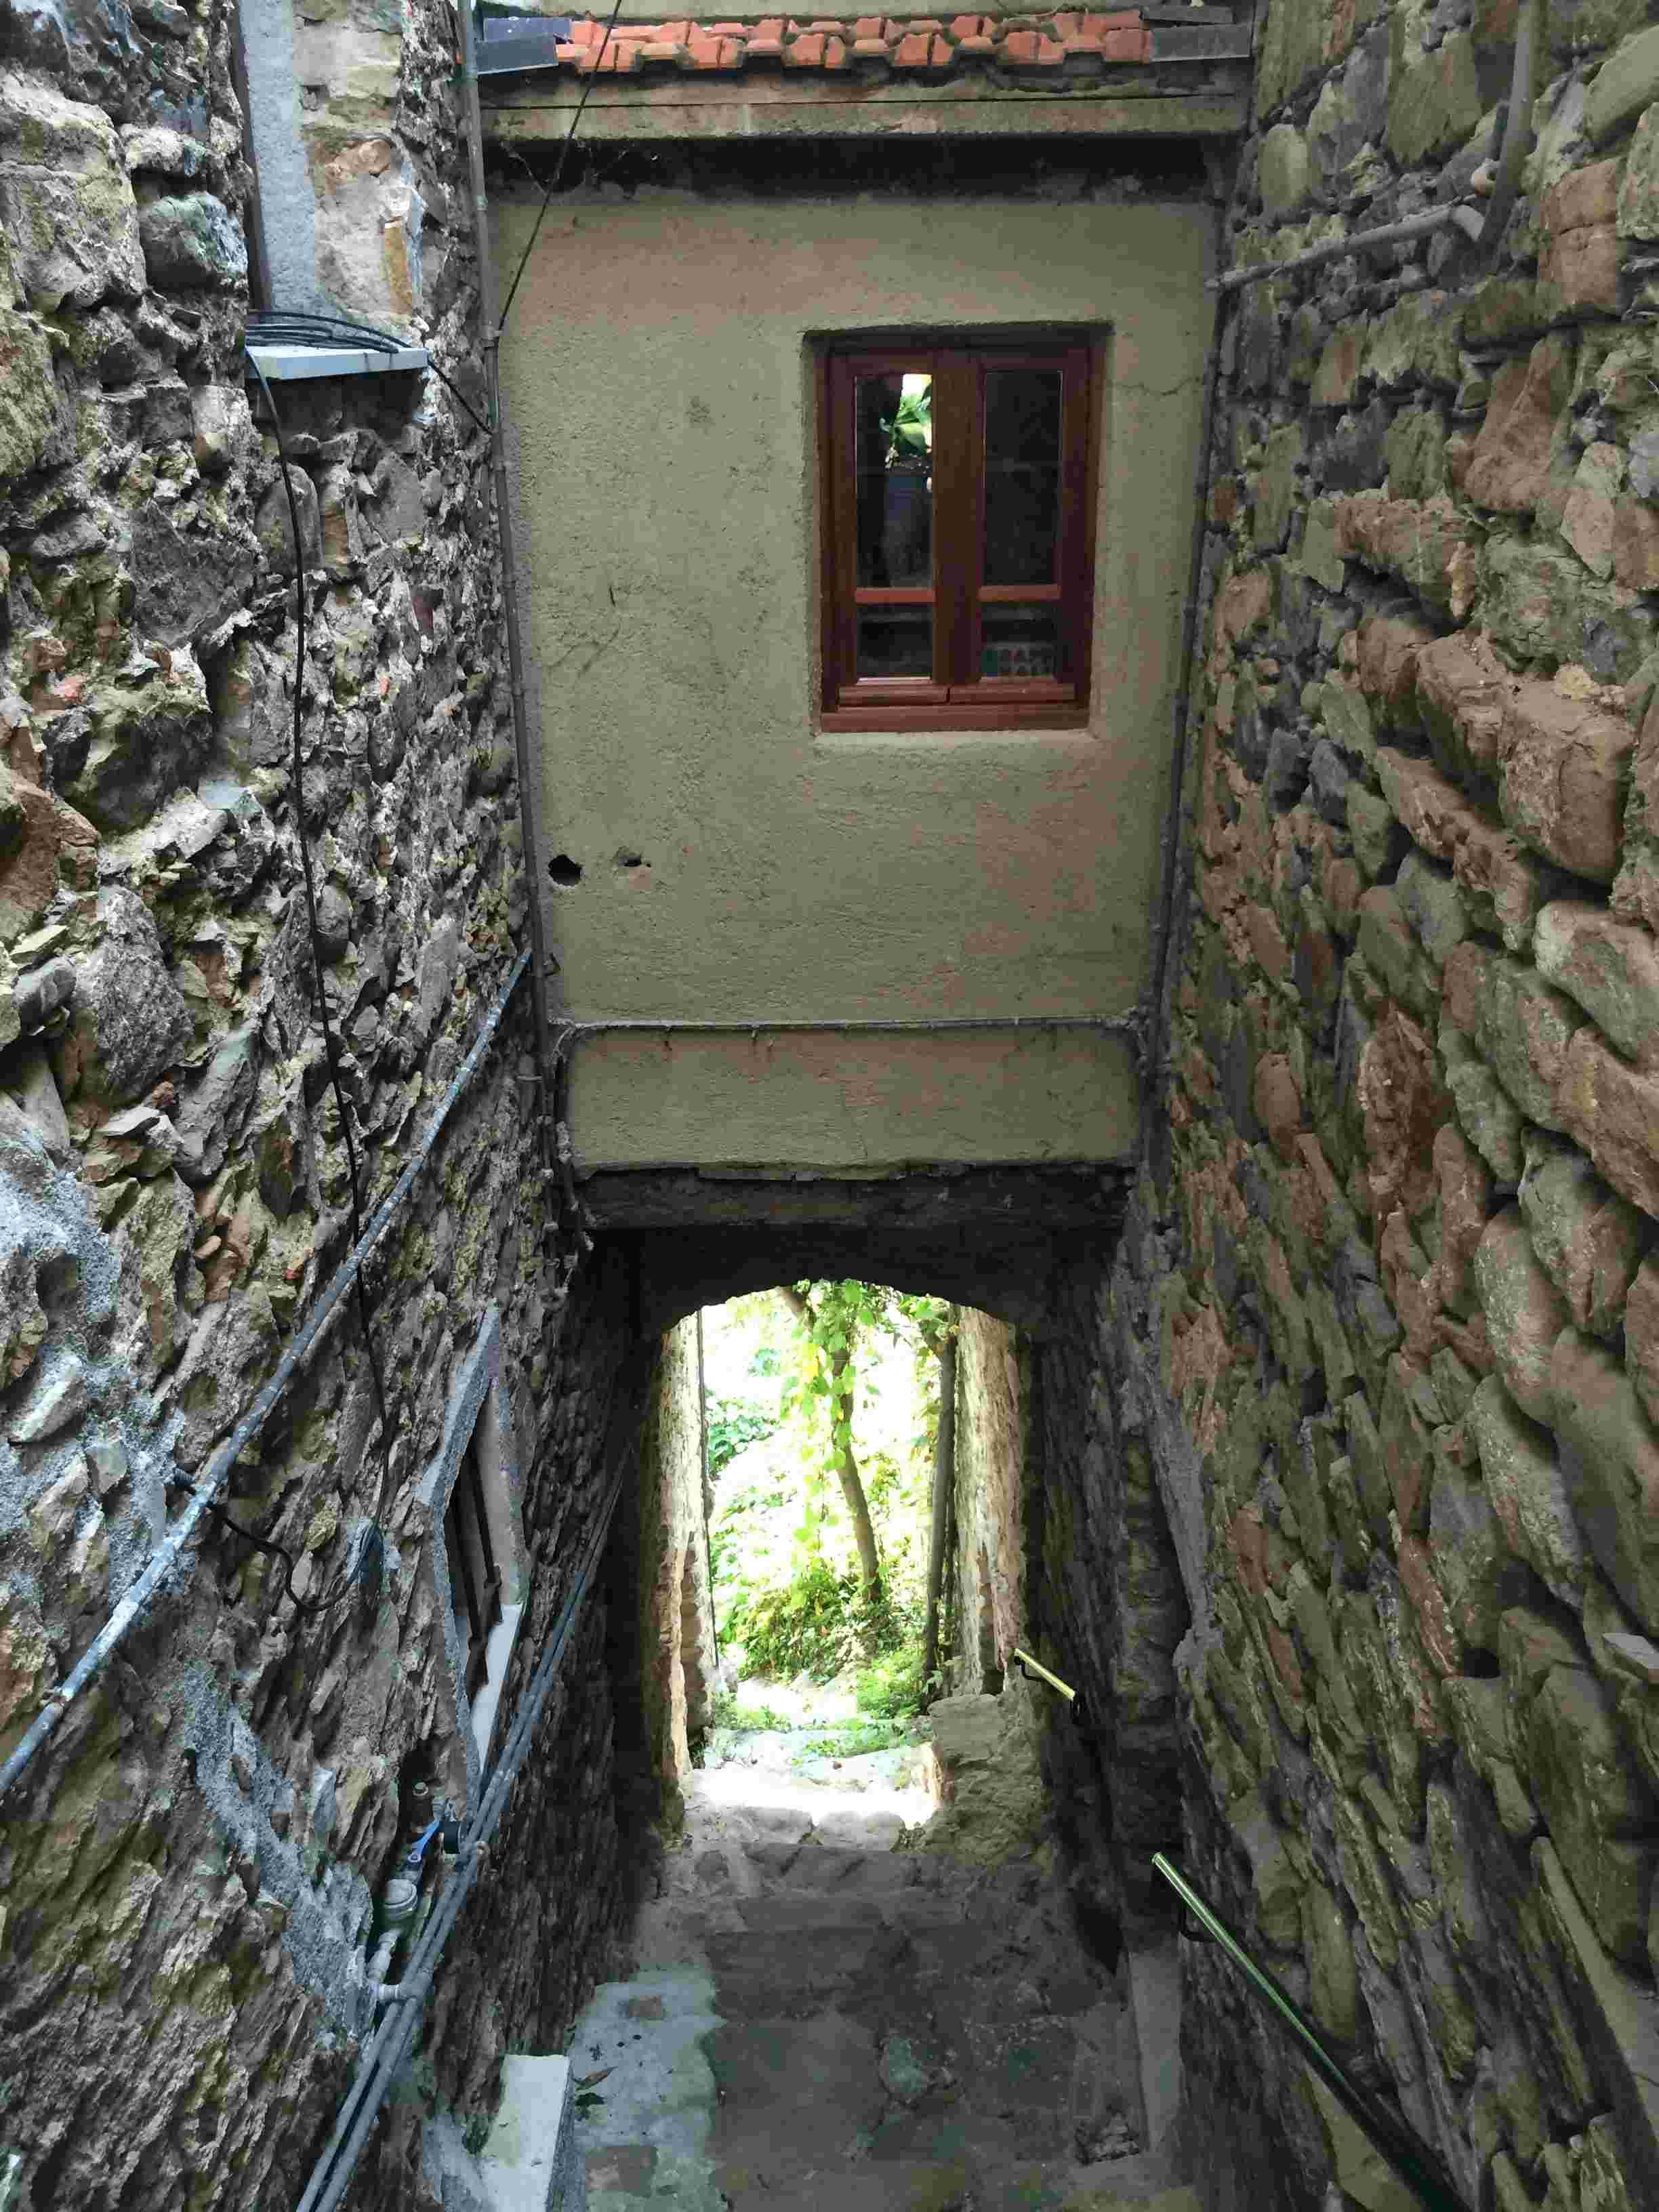 Apricale, le plus beau village d'Italie Aprica37